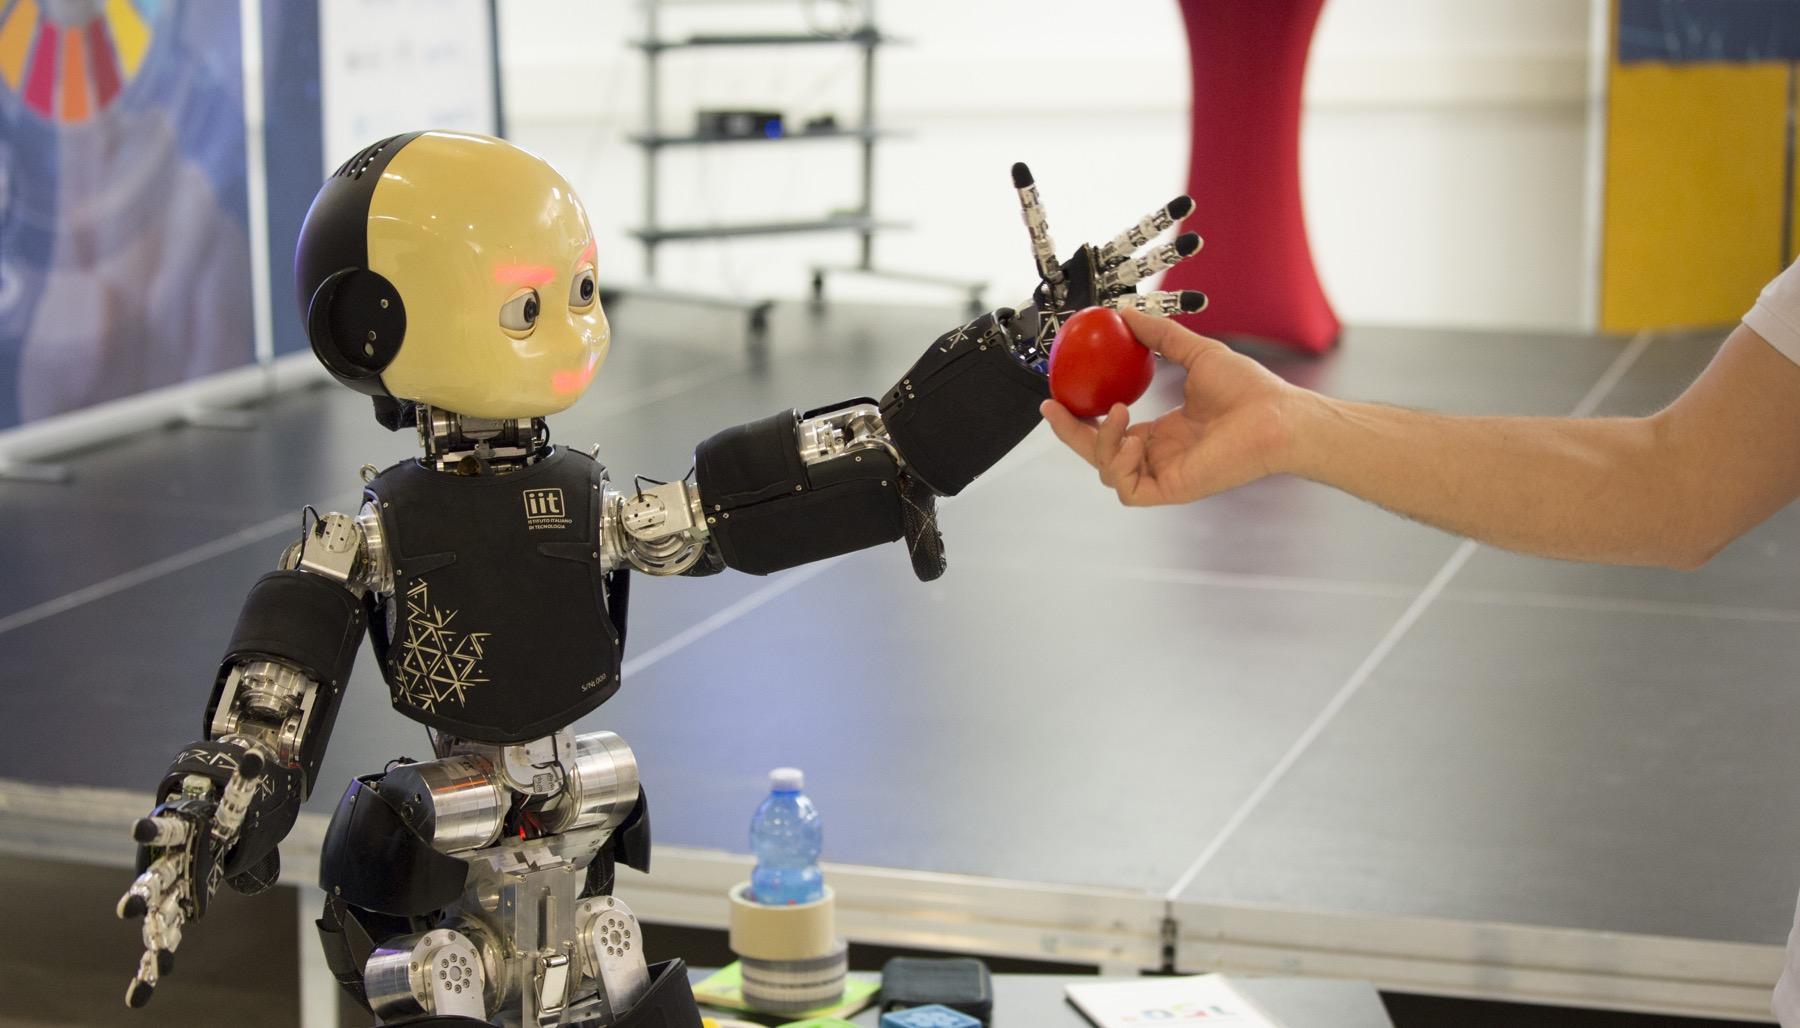 Robot sięgający po jabłko z ręki człowieka